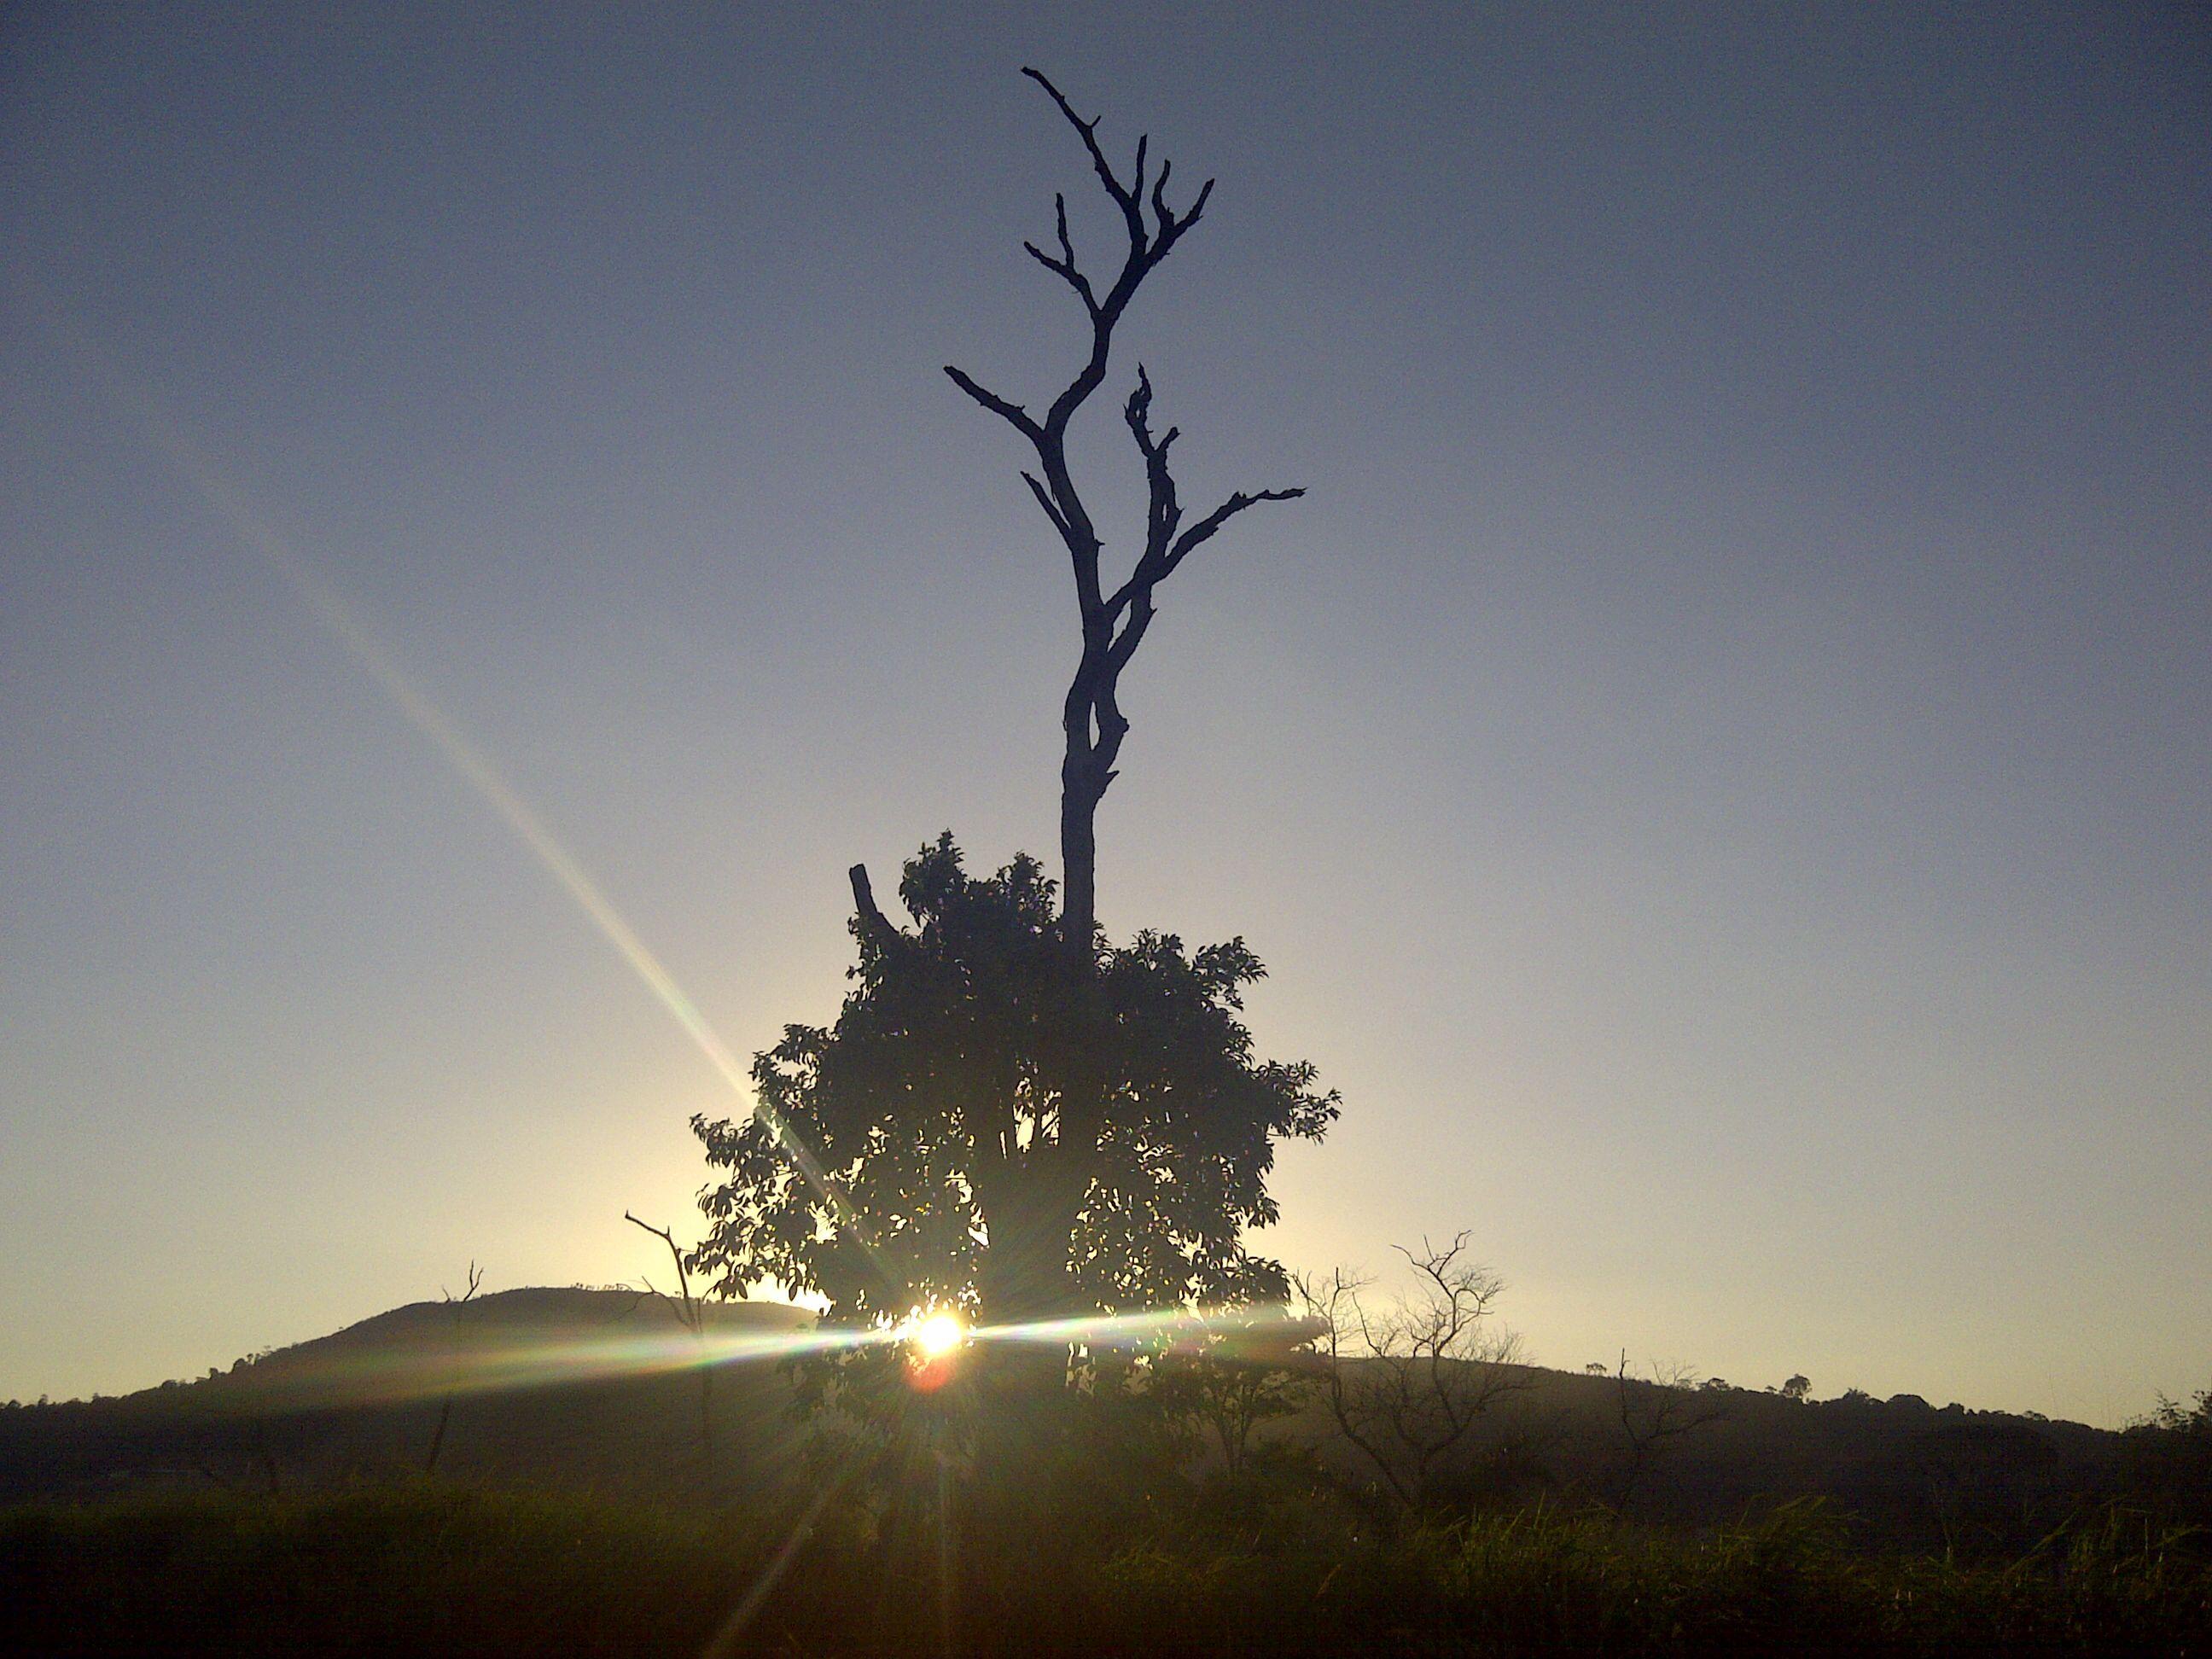 Por do sol em algum ponto da Estrada Imperial - Araçariguama